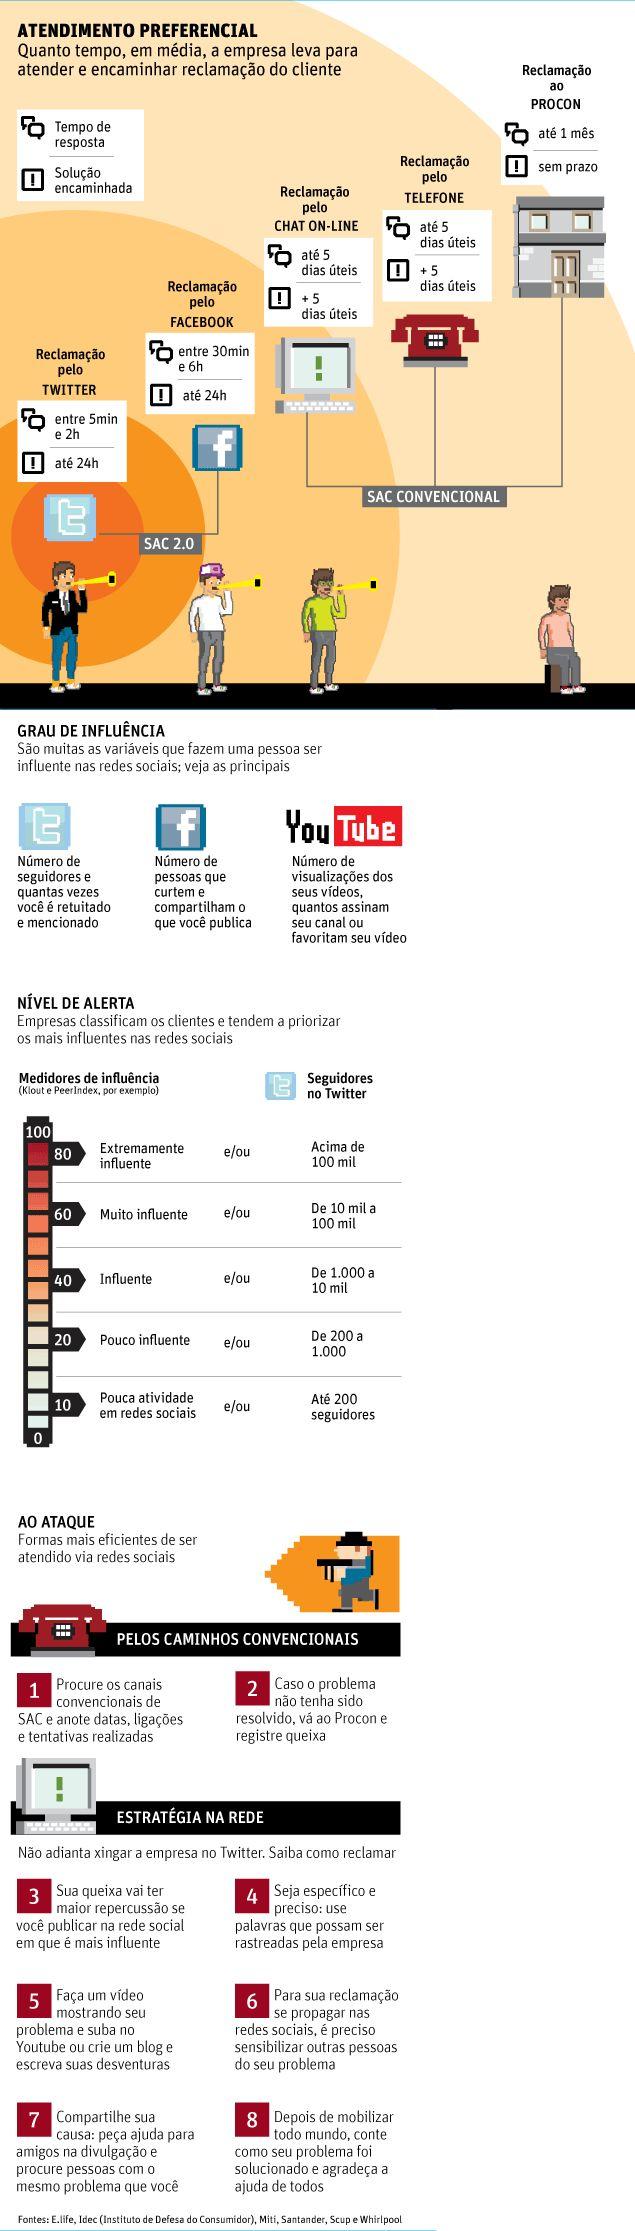 Redes sociais – SAC 2.0 se mostra mais eficiente ao consumidor